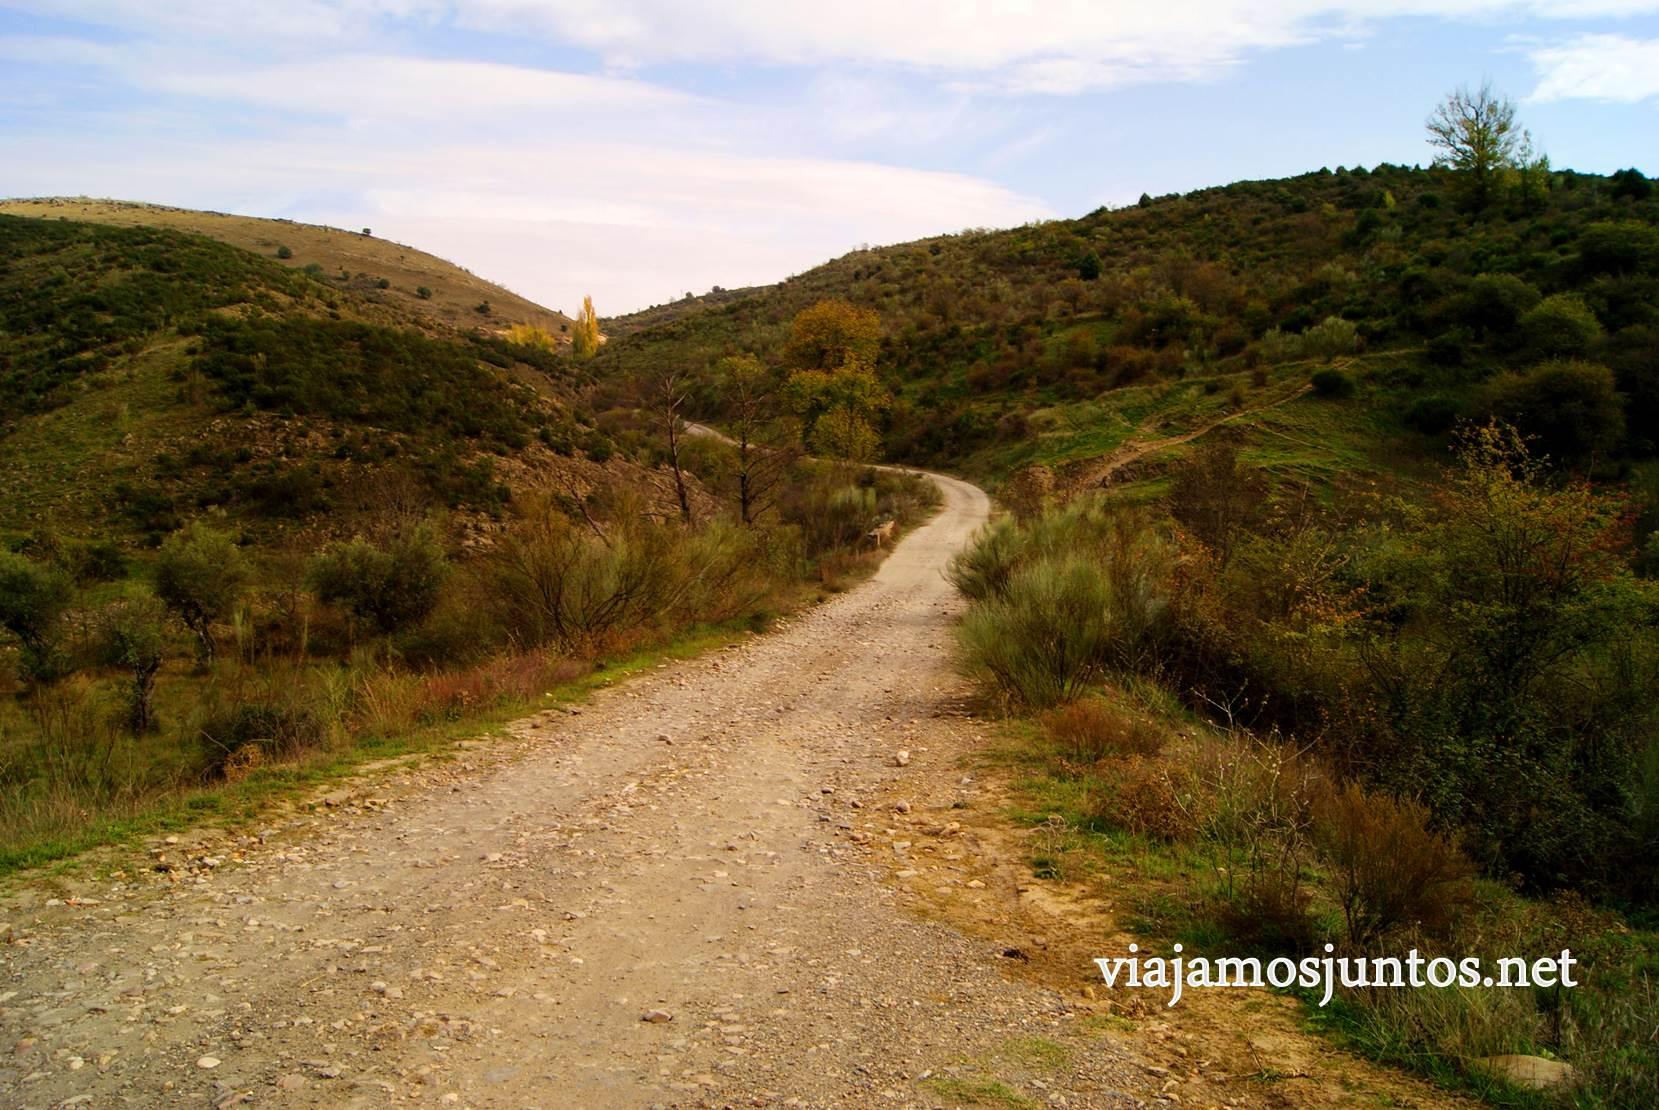 Ruta a las Cárcavas, Patones, Madrid; senderismo por sitios singulares de la Comunidad de Madrid; dirección pueblo